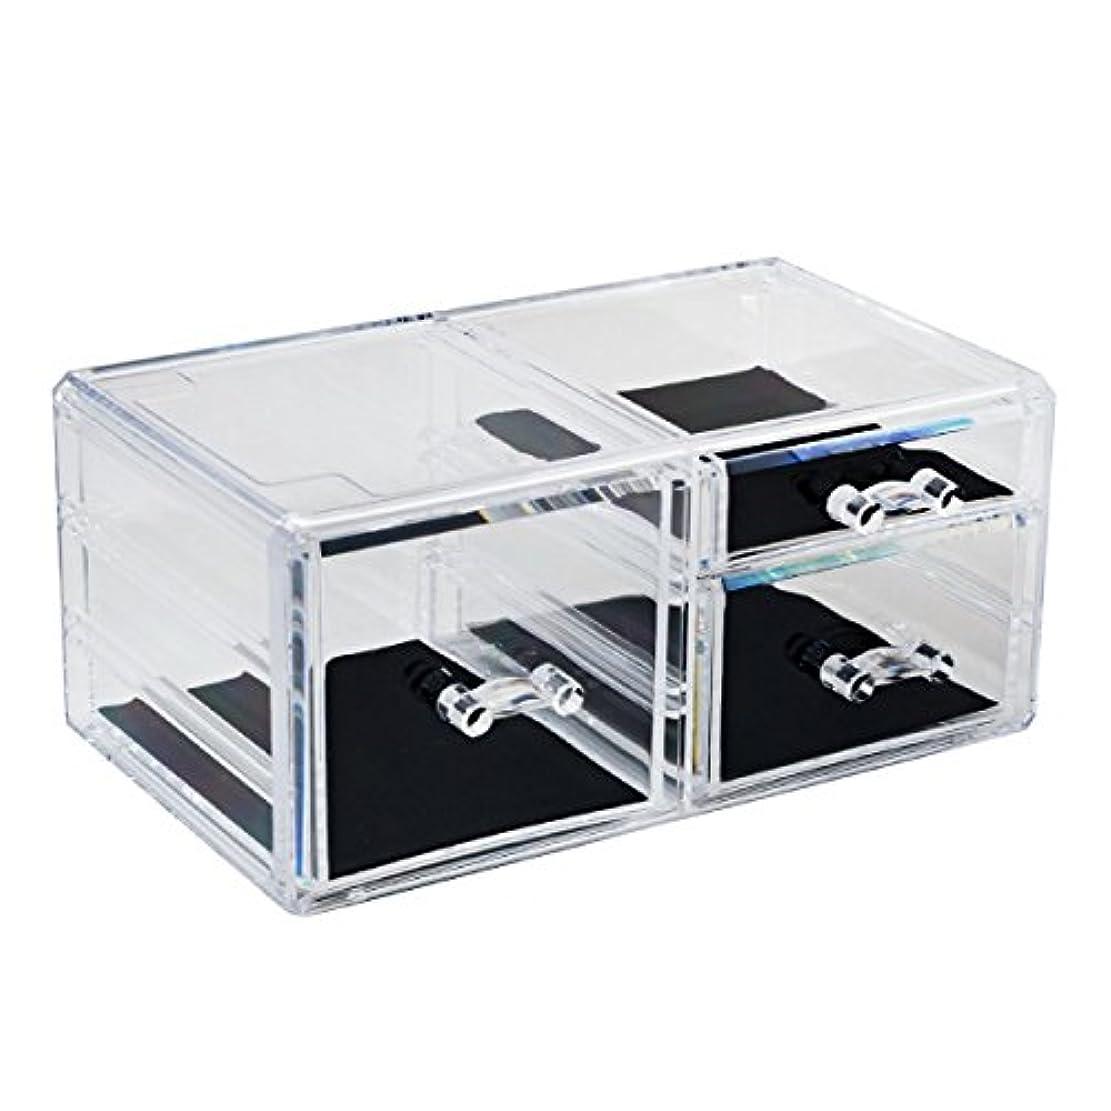 強調するズームビットアクリルケース 収納ケース 深型引き出し×1 小引き出し×2 Mサイズ コスメボックス アクセサリー_87252